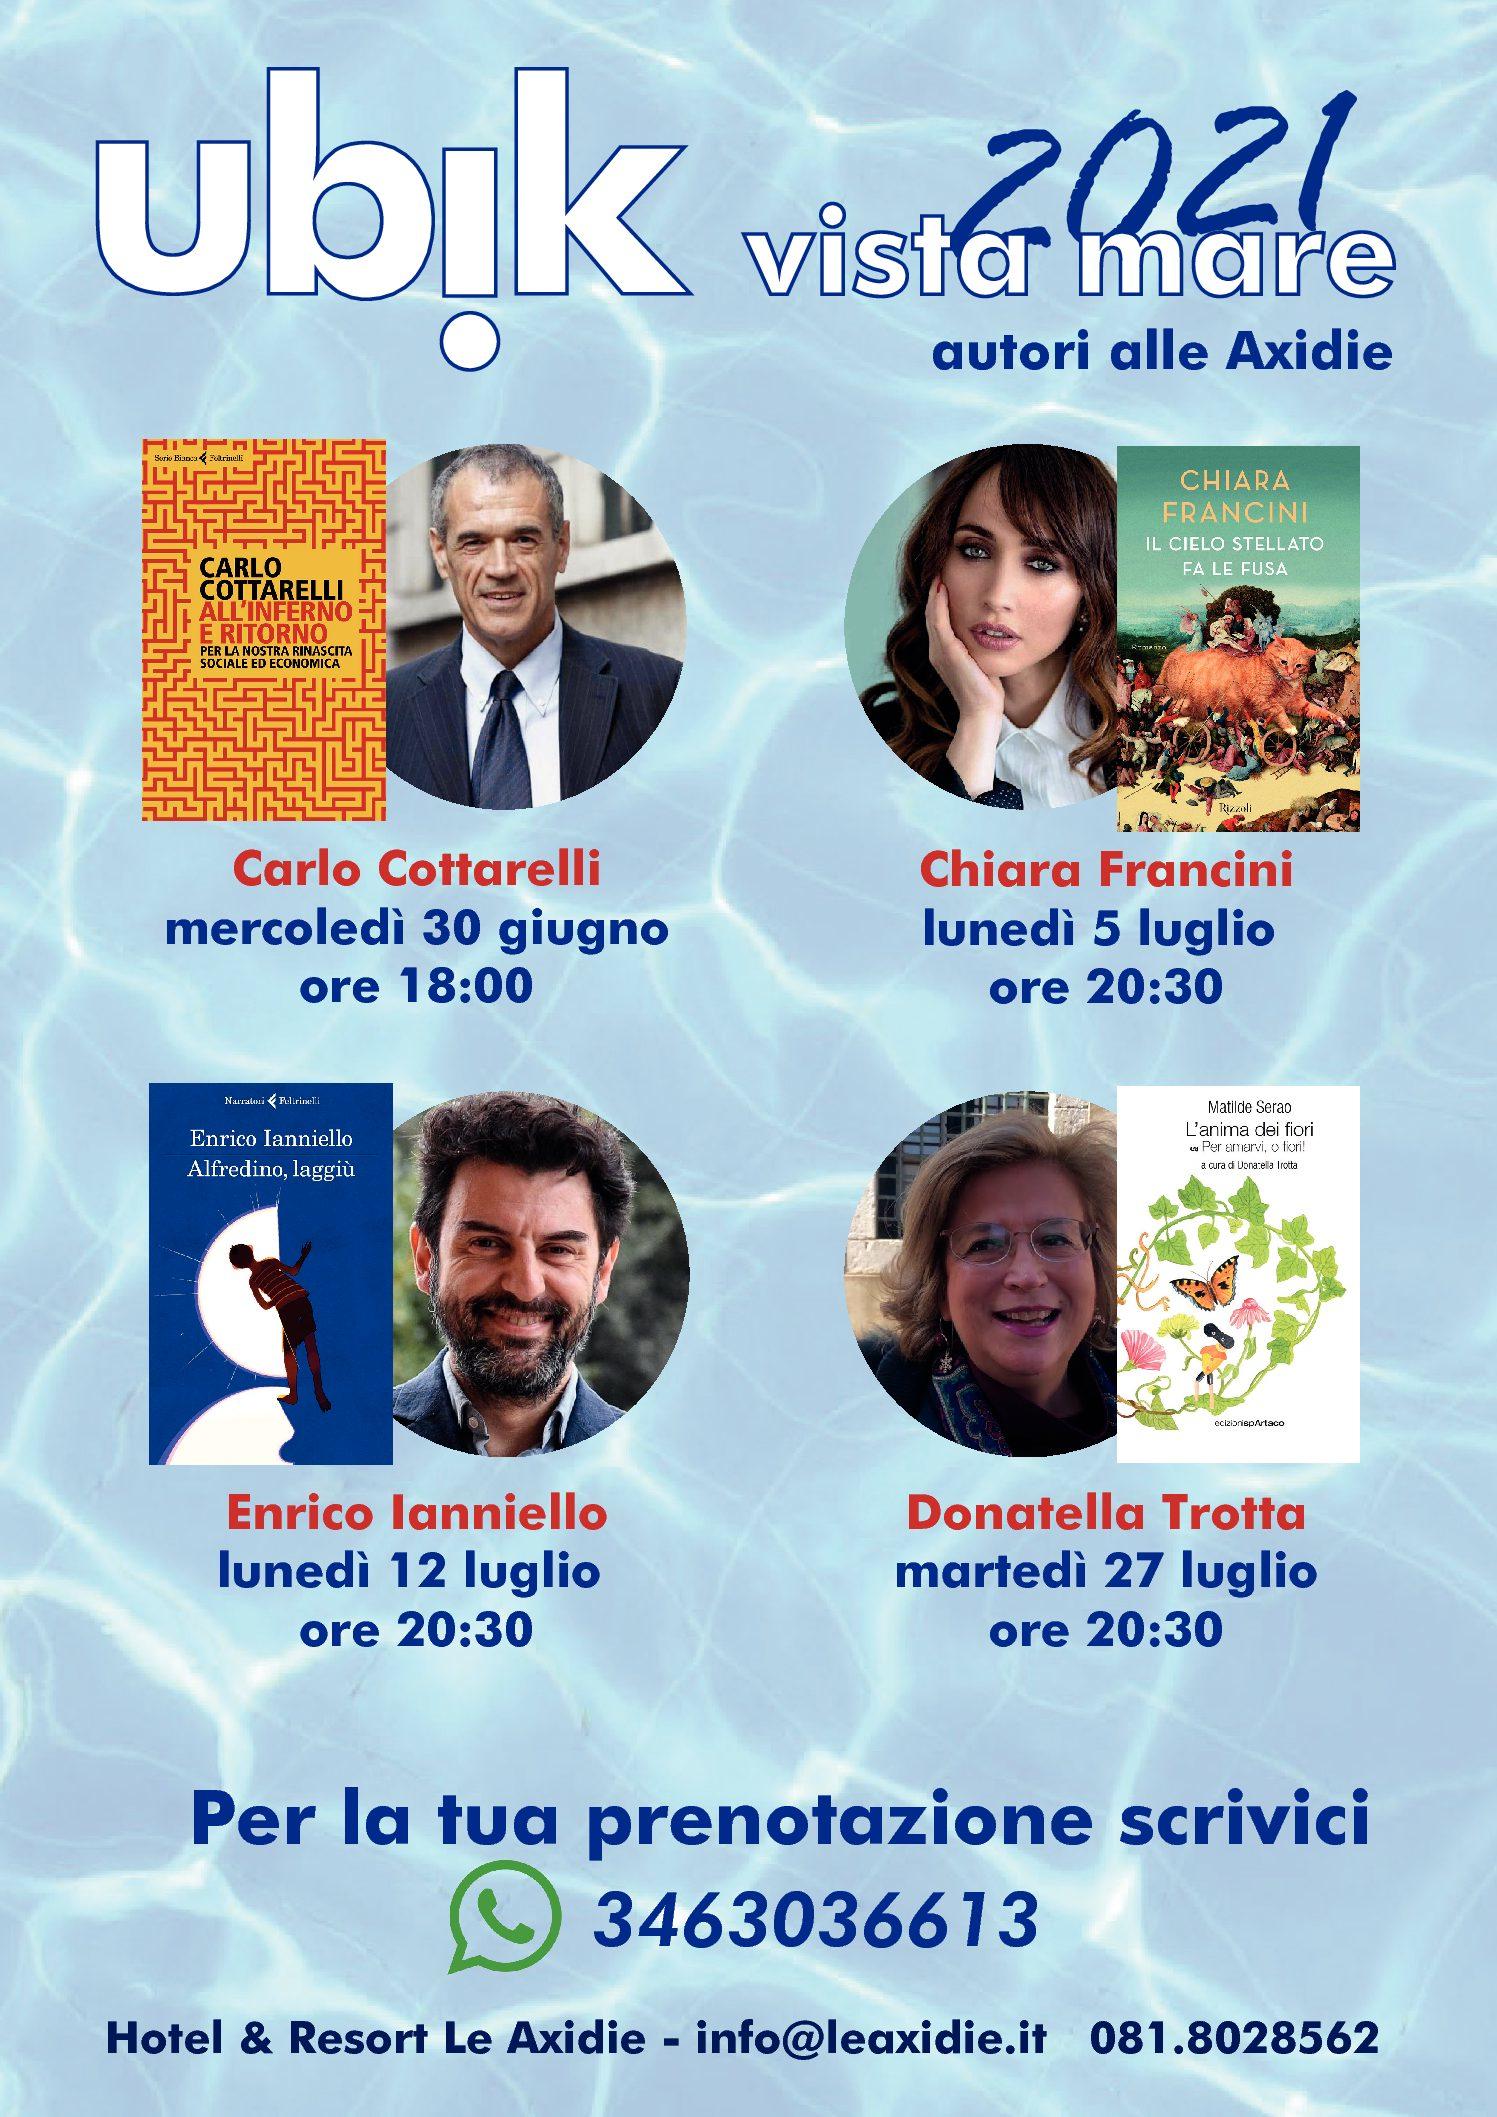 Ubik Vico Equense comunicato rassegna Ubik Vista Mare 21- 30 giugno ospite Carlo Cottarelli